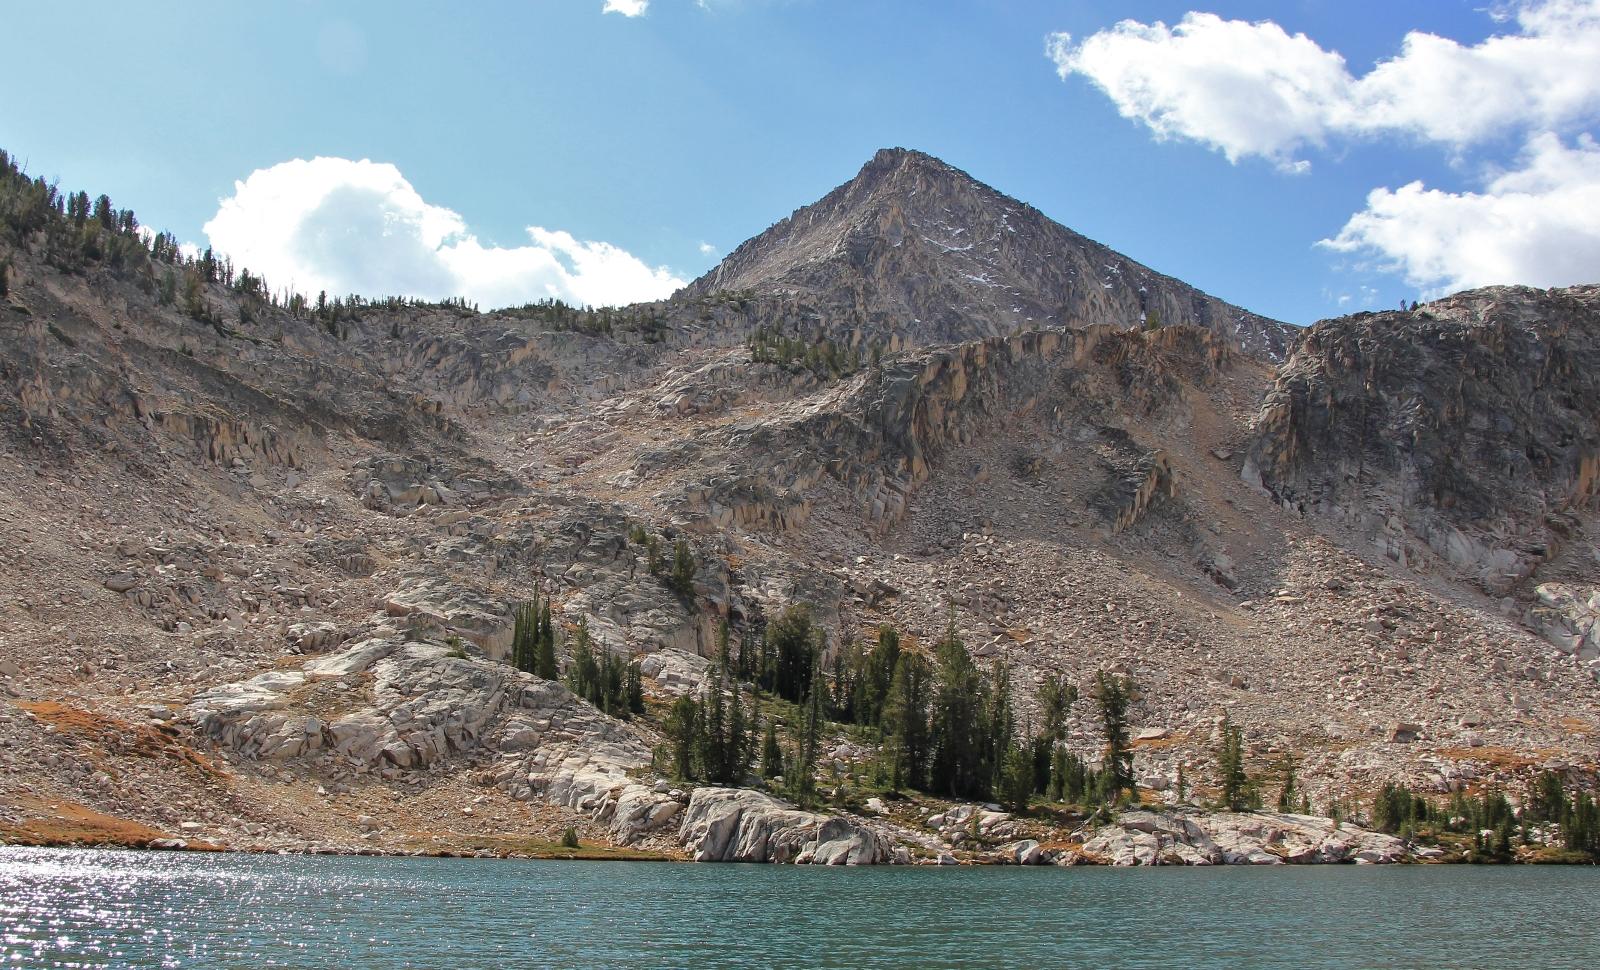 09-26-15 Island Lake (121)